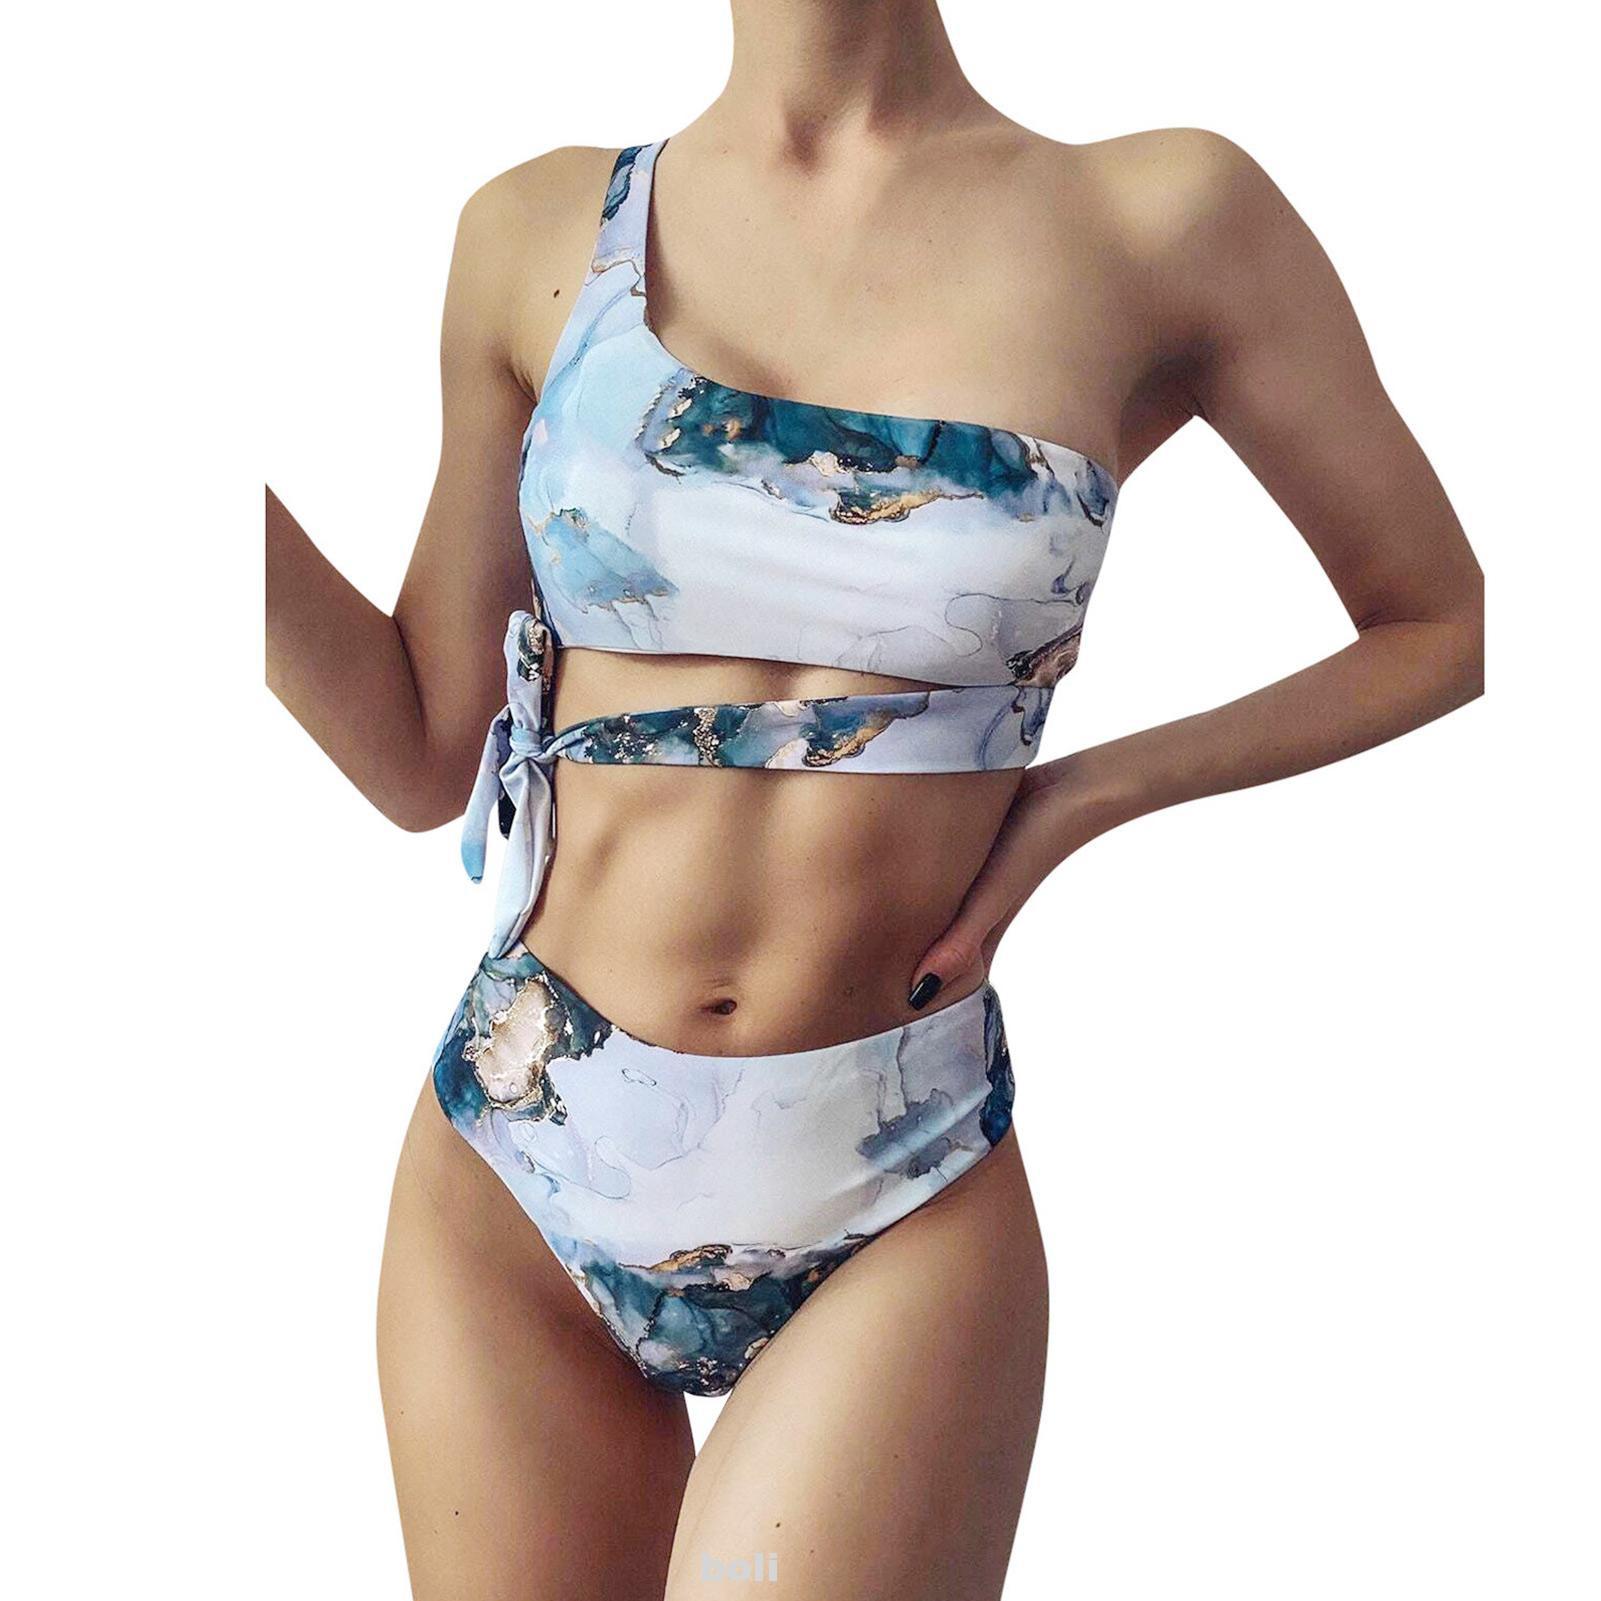 Bikini Nâng Ngực Không Gọng, Họa Tiết Đá Cẩm Thạch Dành Cho Nữ